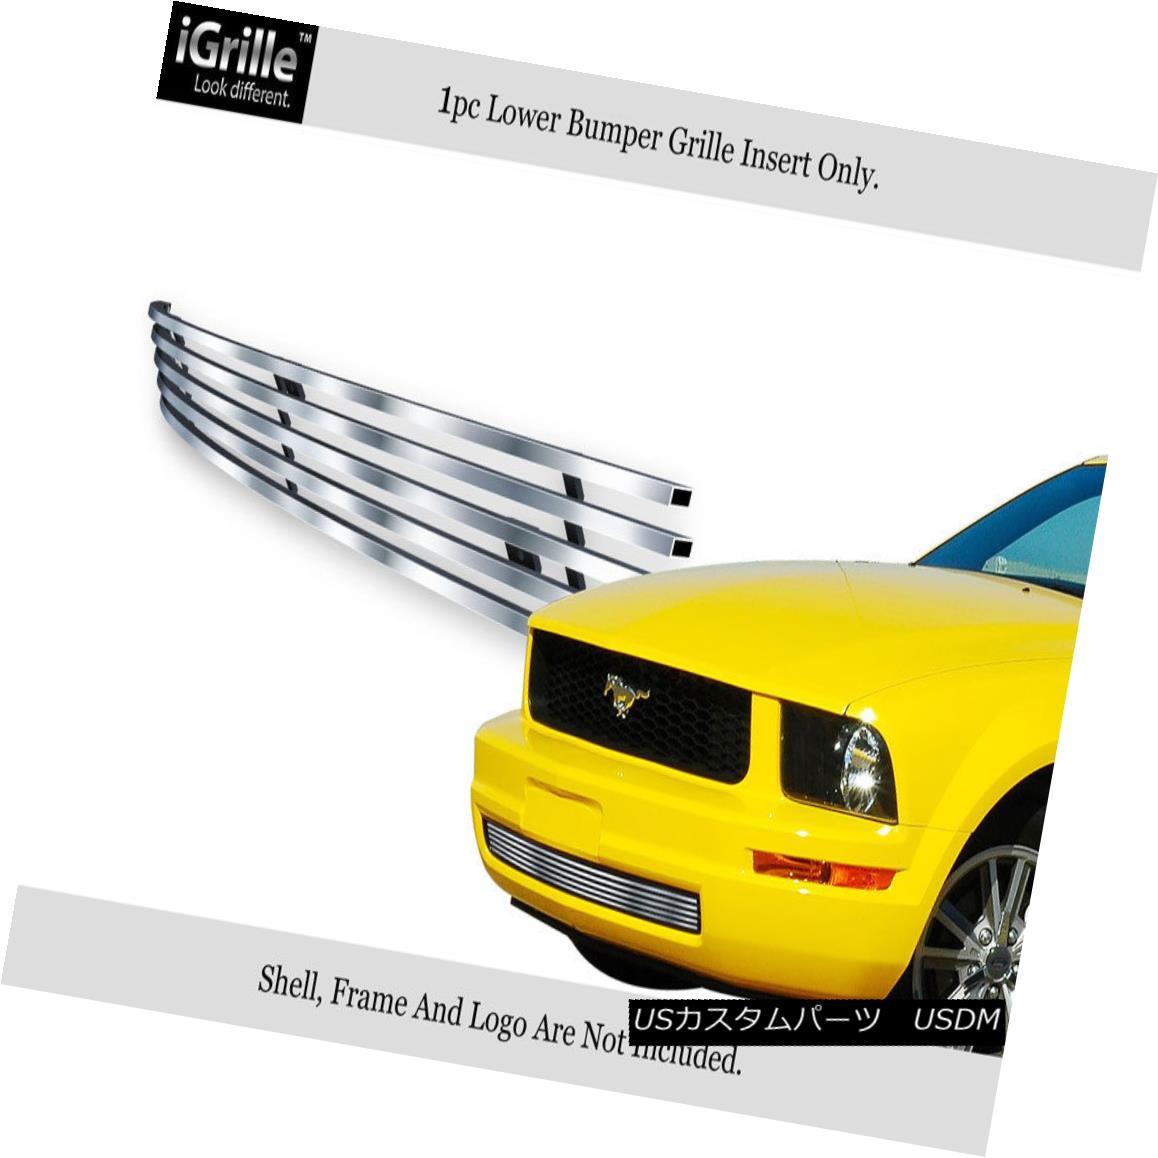 グリル Fits 2005-2009 Ford Mustang V6 Stainless Steel Lower Bumper Billet Grille フィット2005-2009フォードマスタングV6ステンレス鋼ロワーバンパービレットグリル